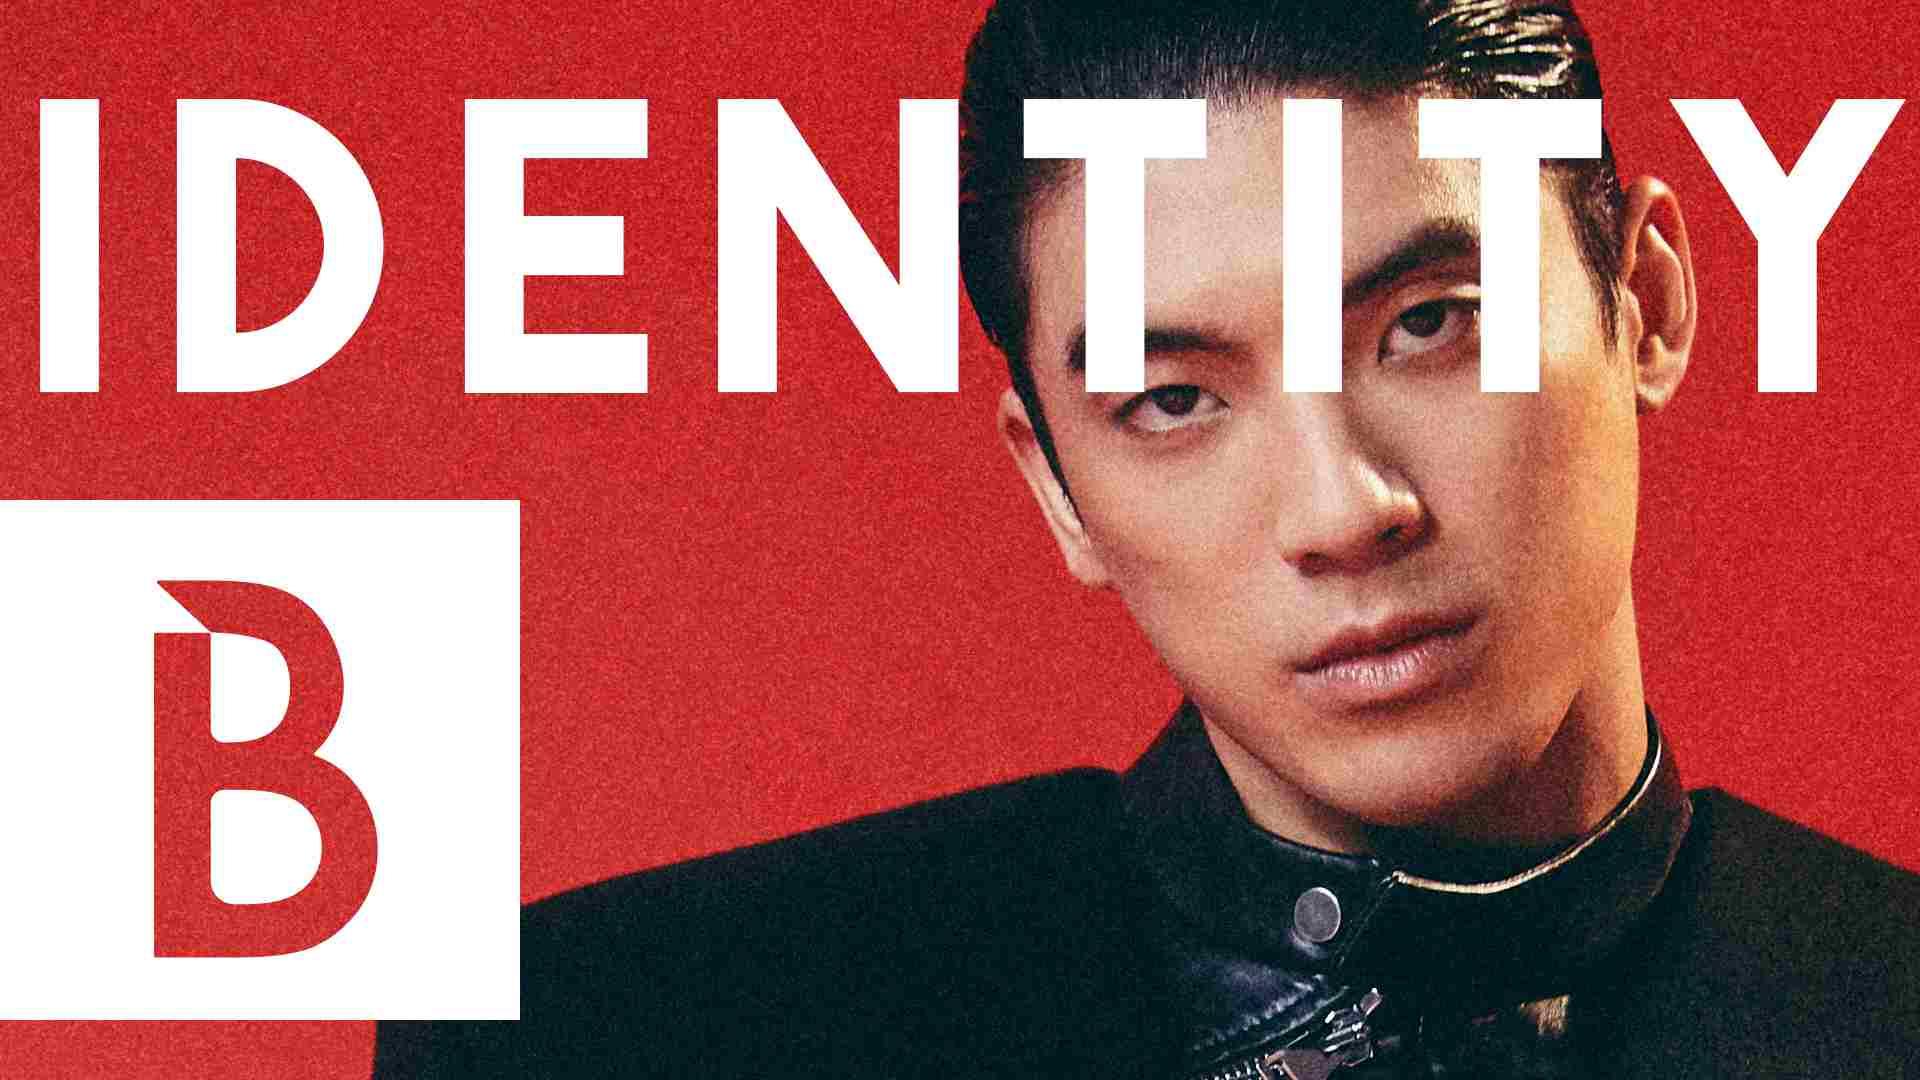 專訪|《與惡》入圍金鐘最佳男配!林哲熹:「老實說,我覺得現在的狀態沒有大家講的那麼好...」